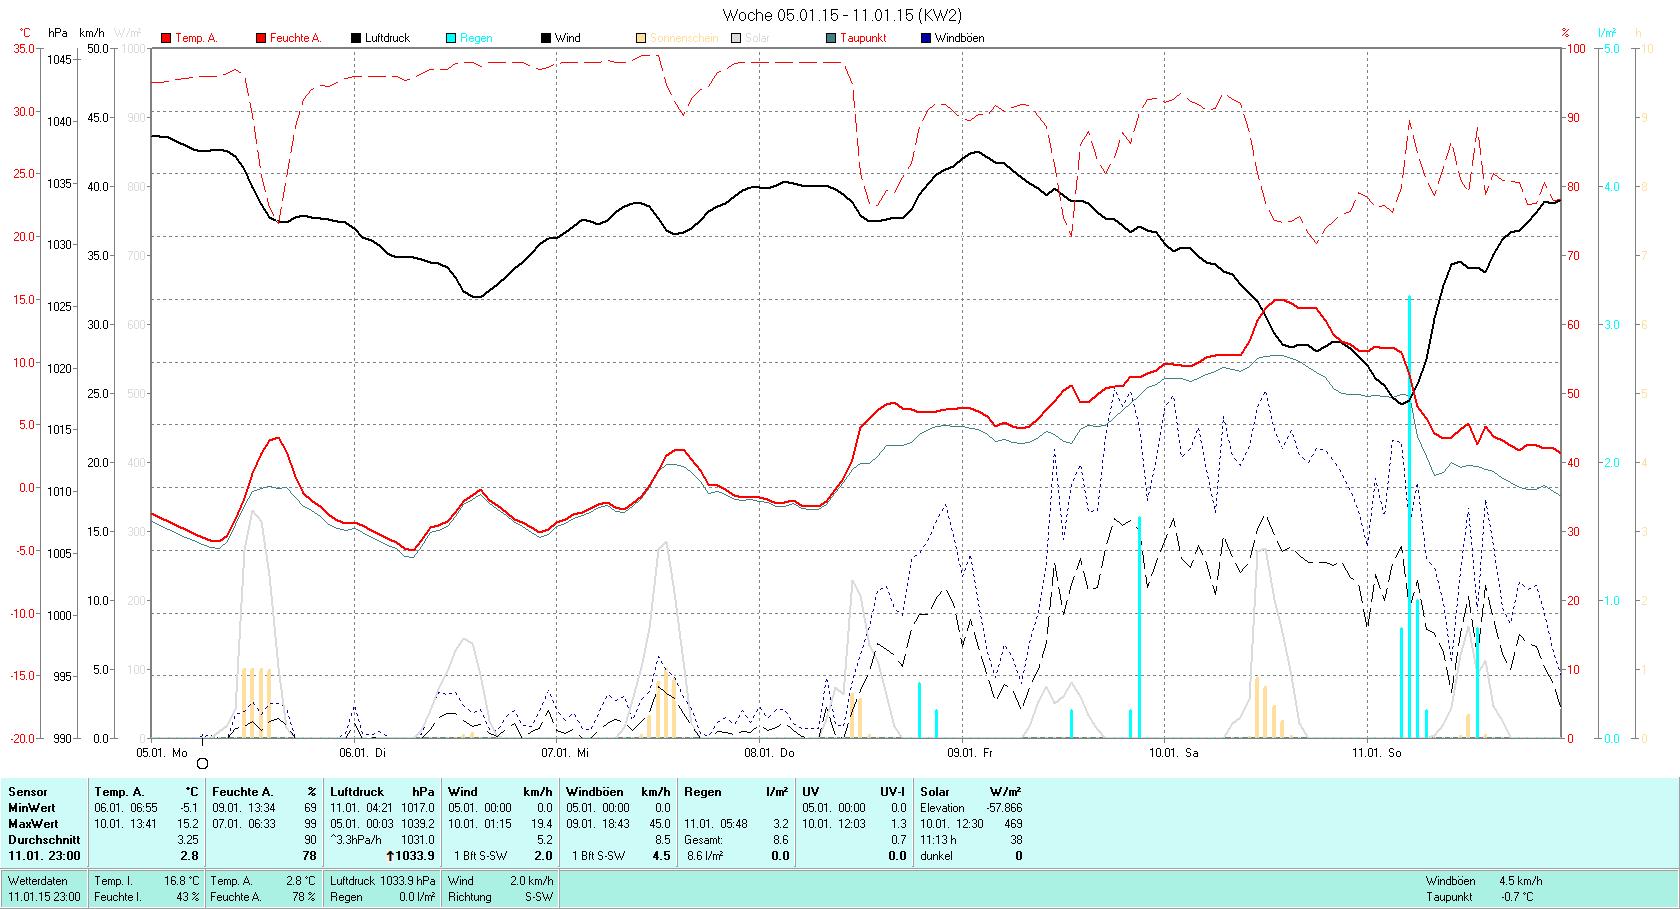 KW 02 Tmin -5.1°C, Tmax 15.2°C, Sonne 11:13h, Niederschlag 8.6mm/2